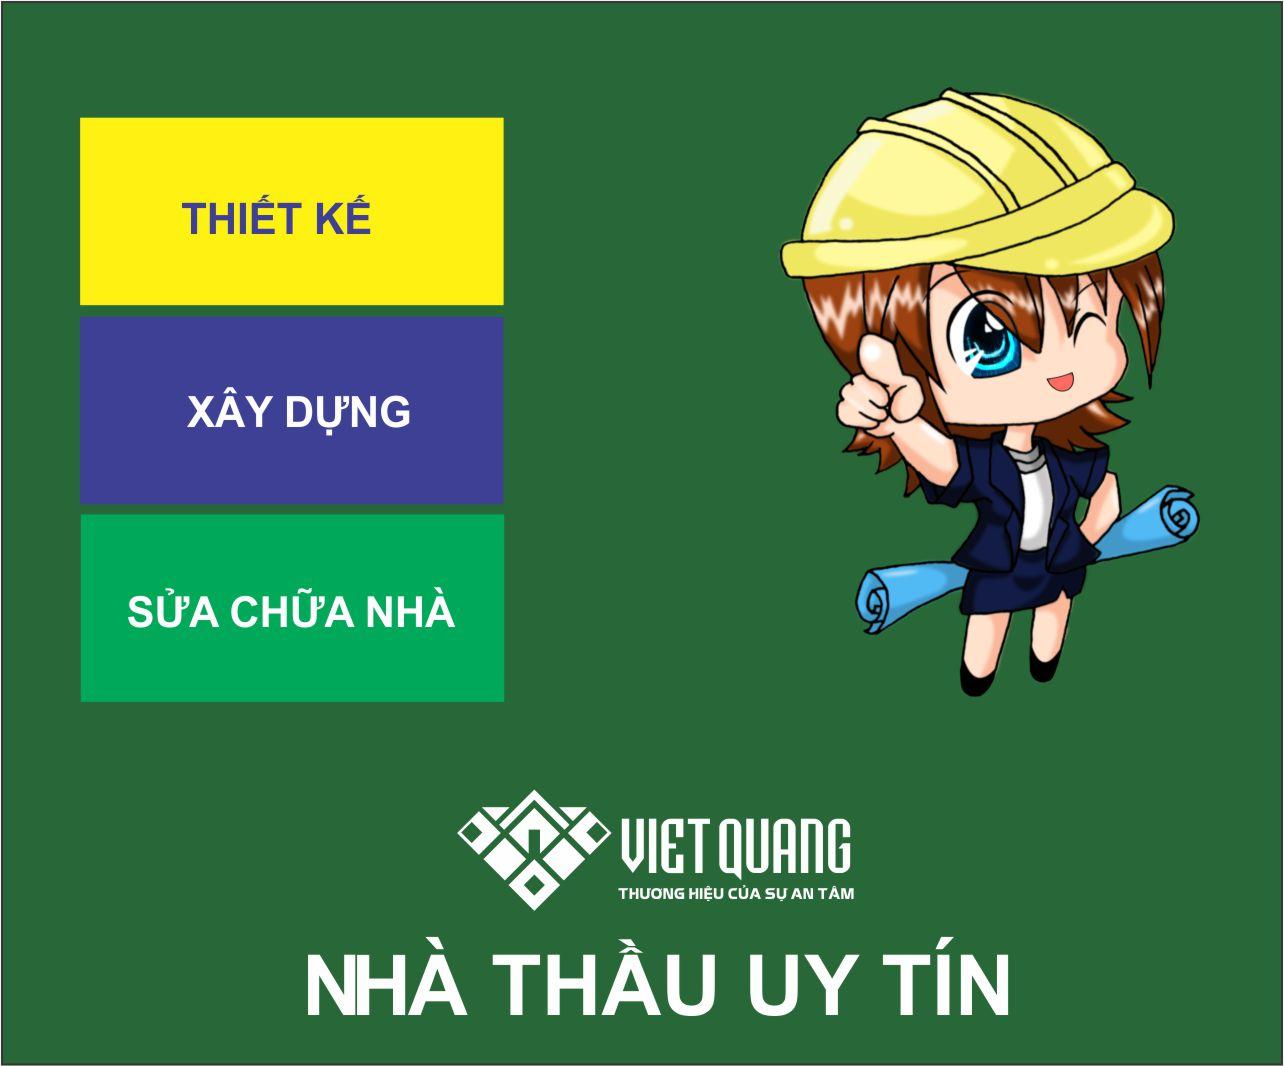 nha-thau-uy-tin